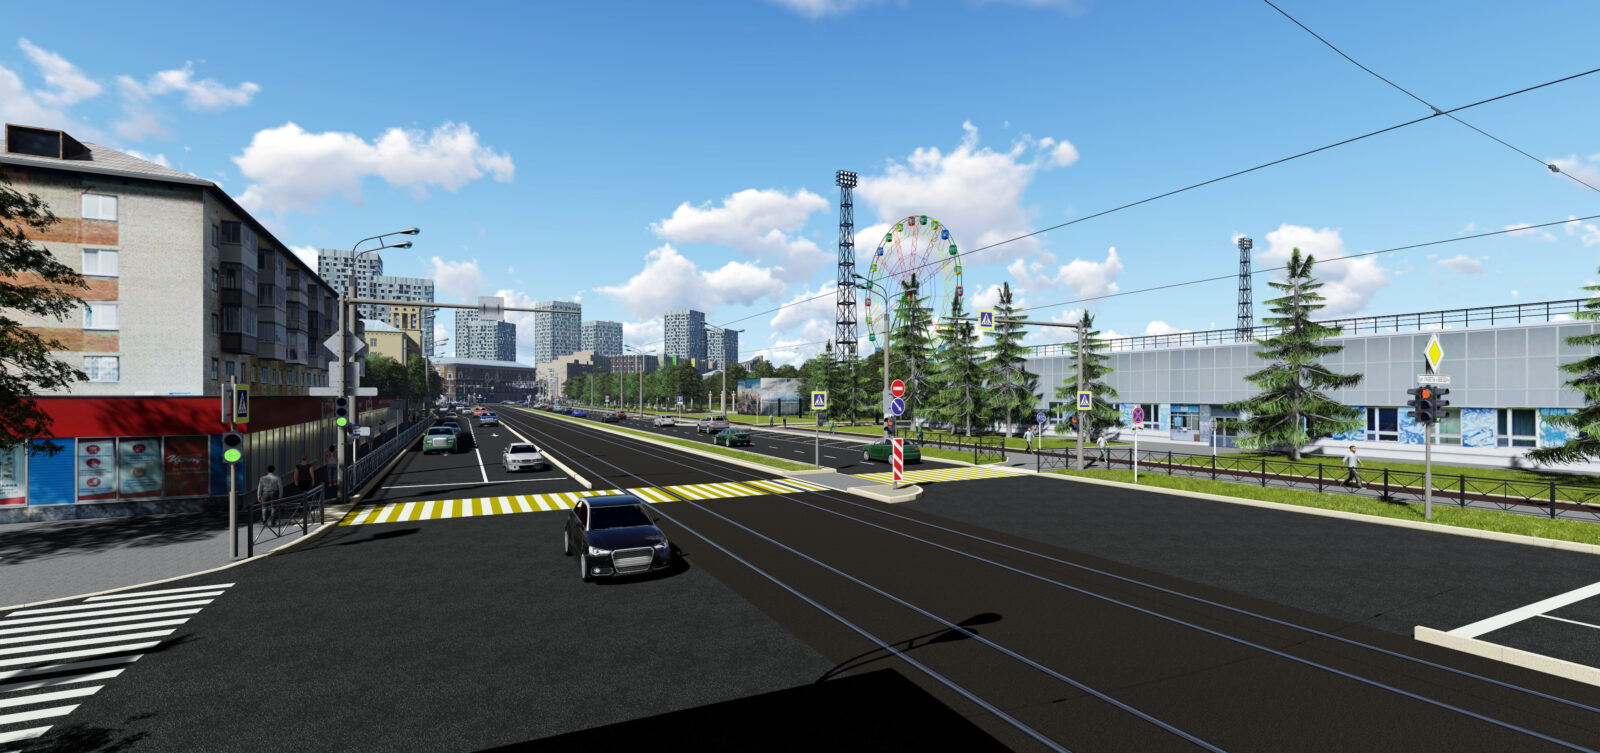 Реконструкция улицы Революция